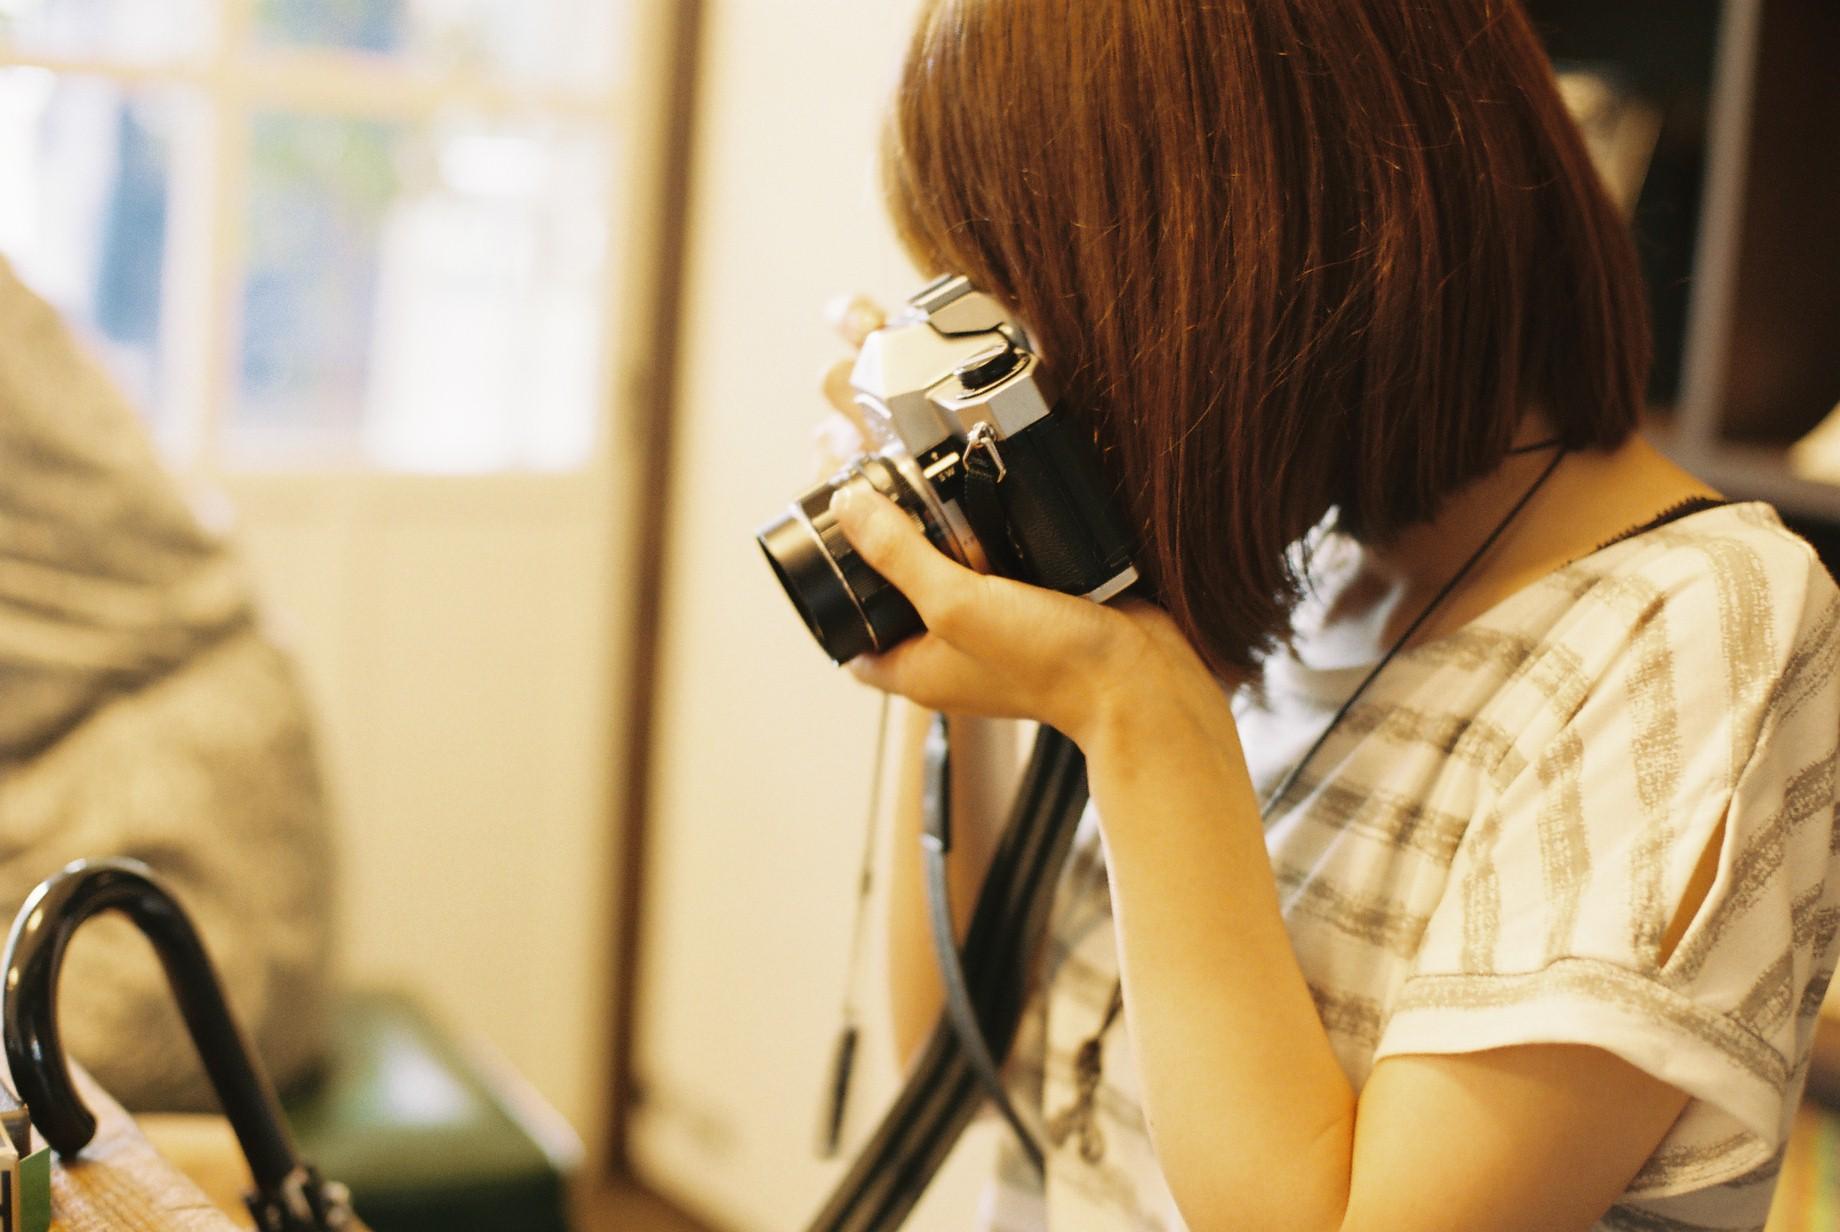 フィルムカメラで撮って、見る